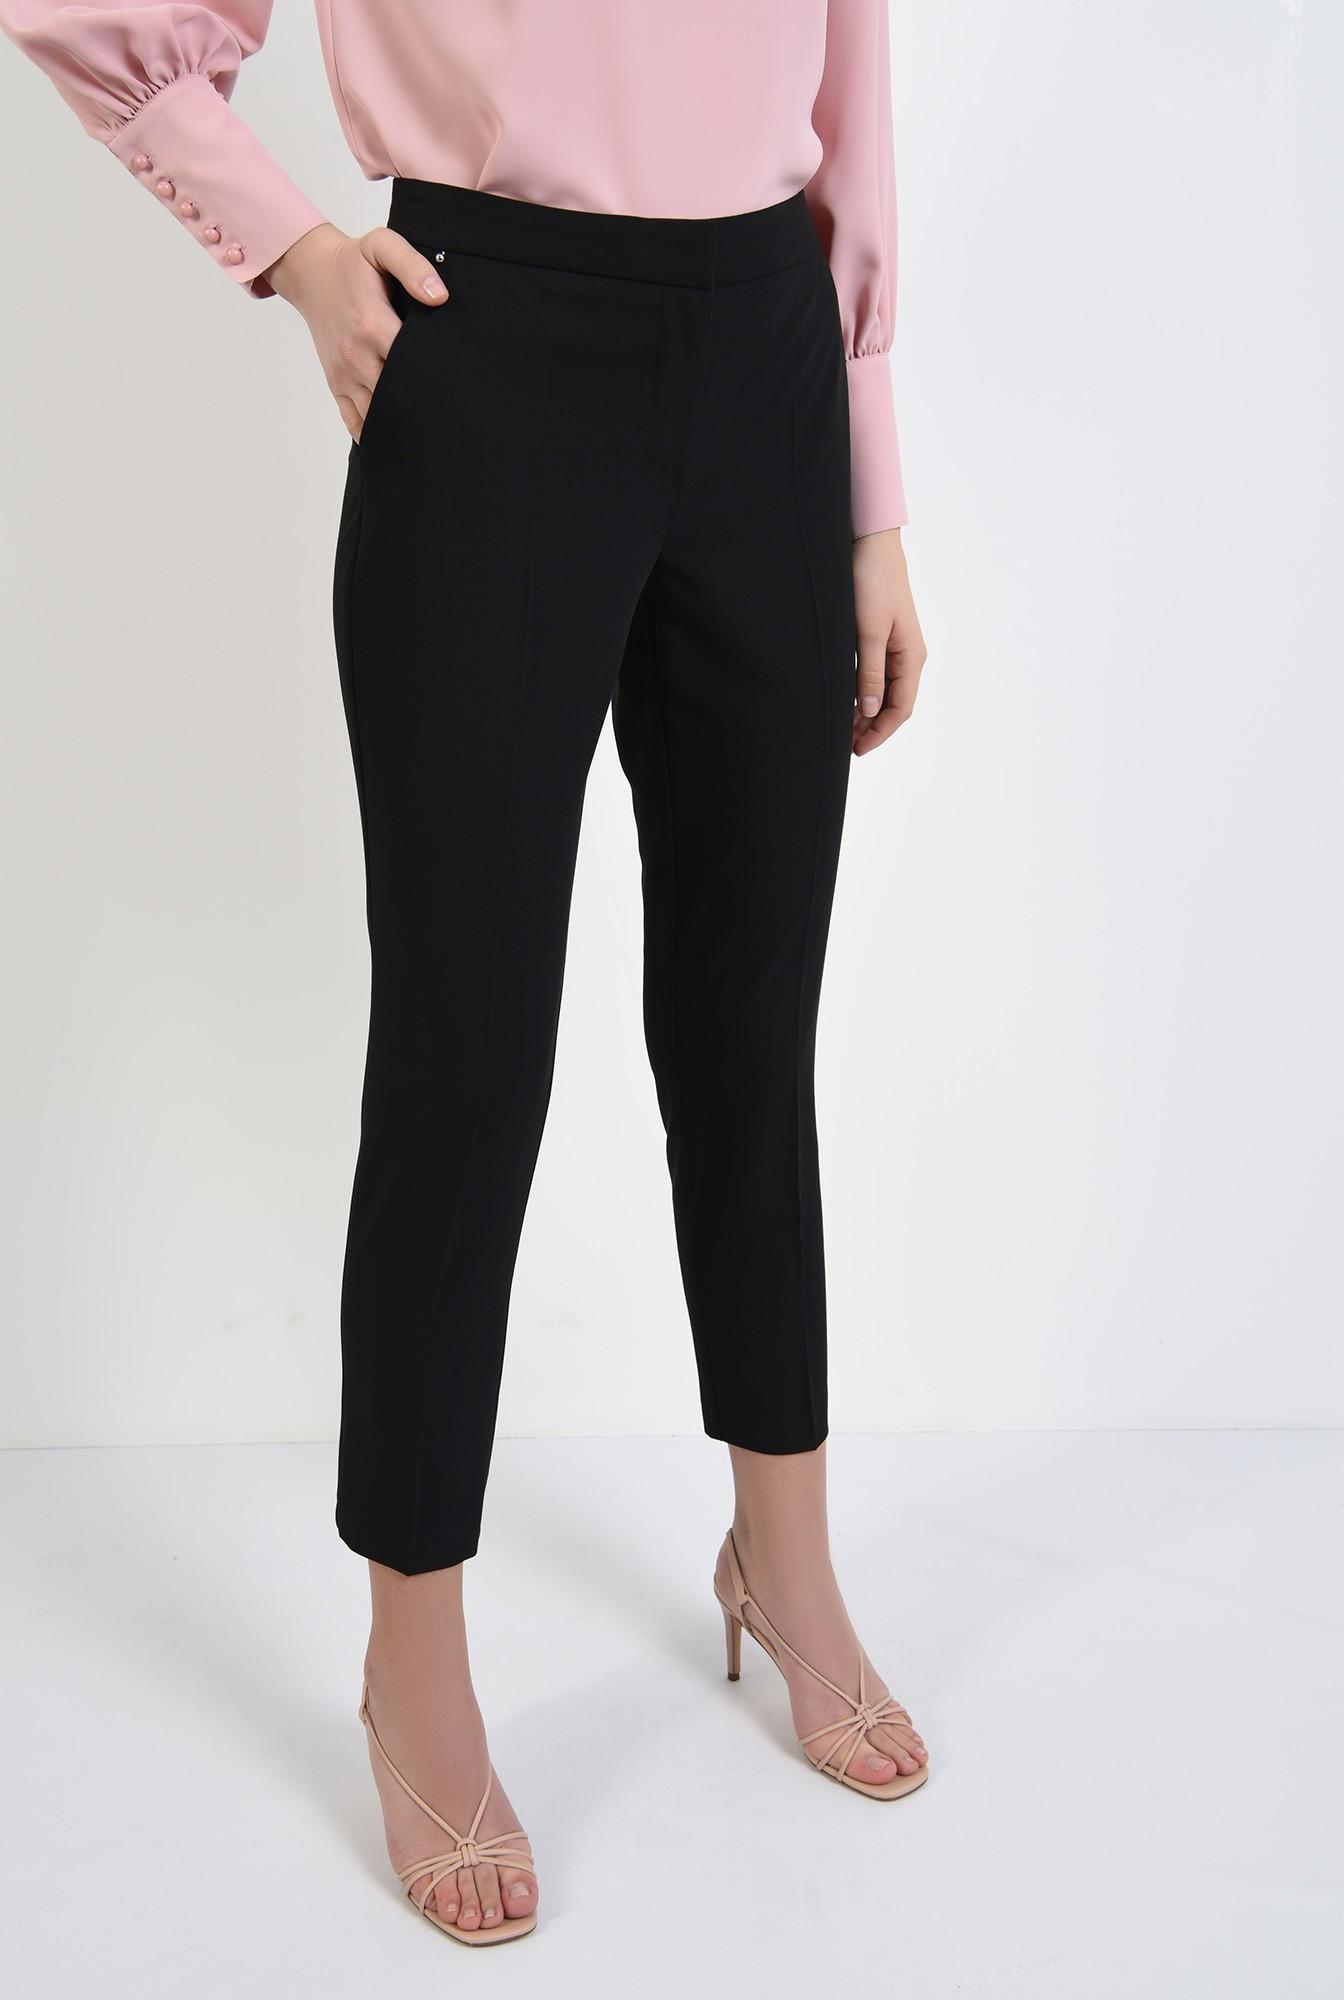 2 - pantaloni office, croi conic, la dunga, talie medie, cu buzunare, negru